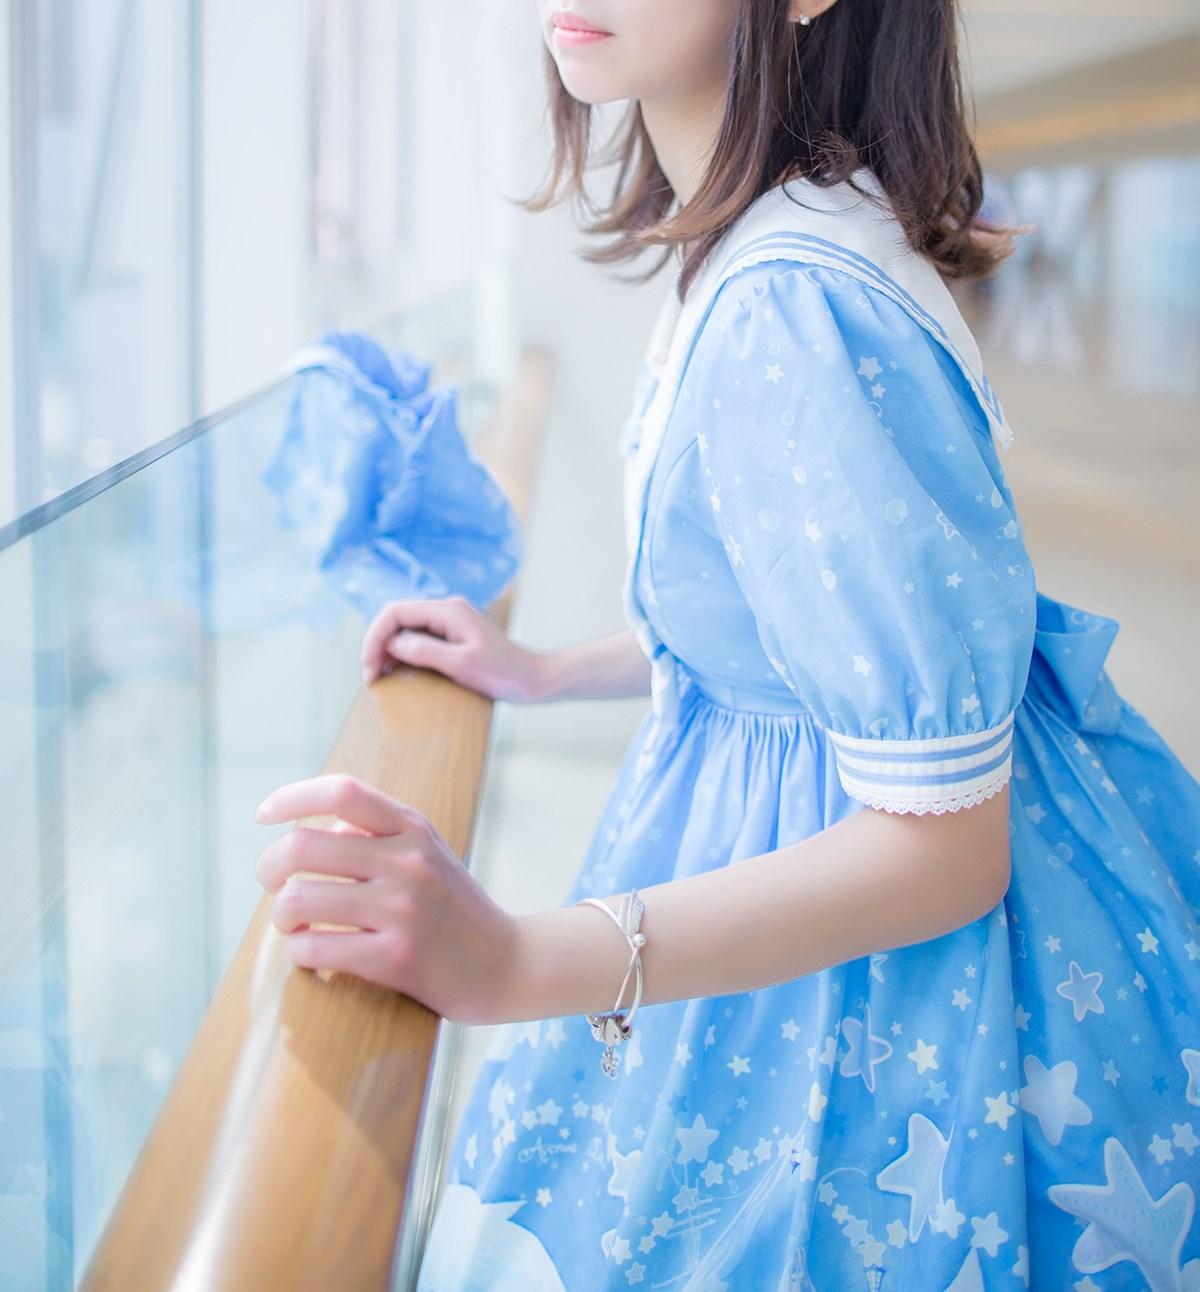 【兔玩映画】蓝色的LO娘 兔玩映画 第13张